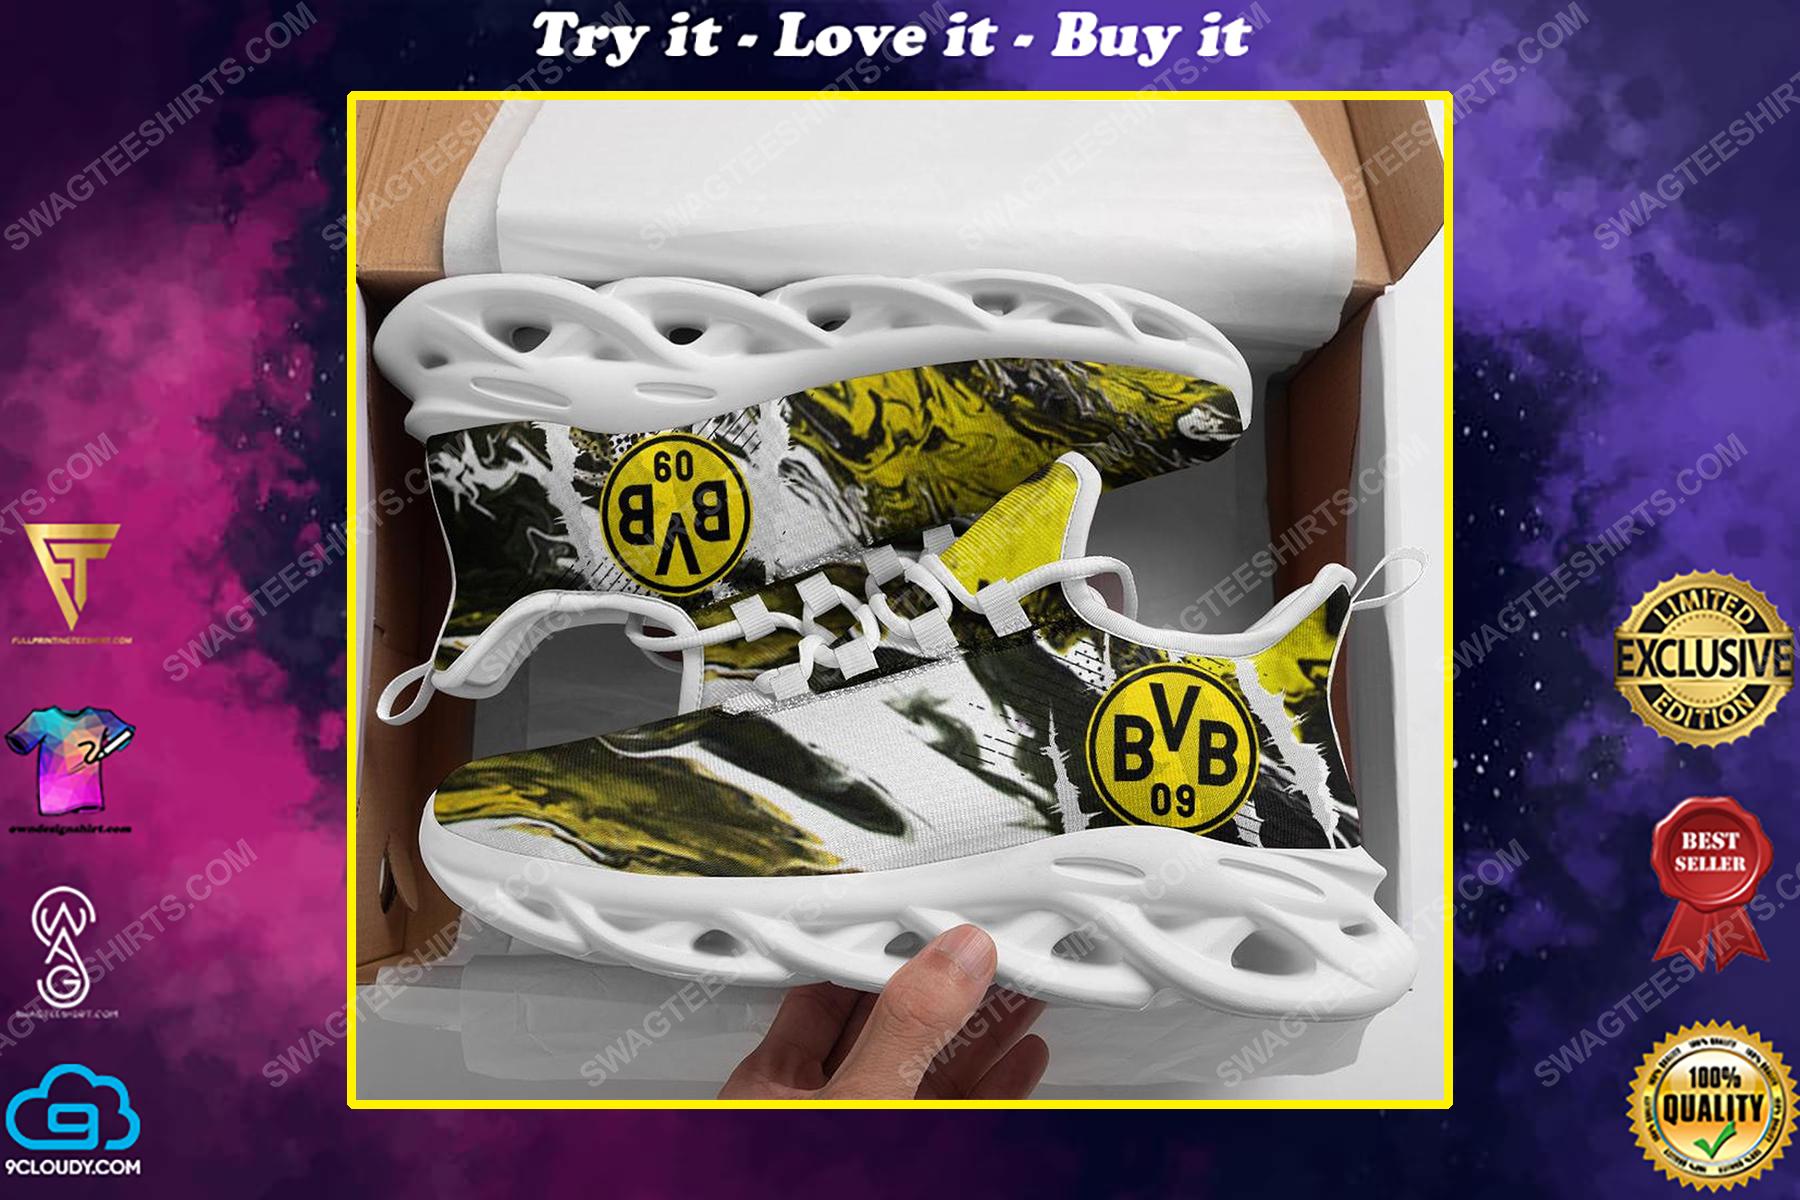 BV borussia dortmund football club max soul shoes